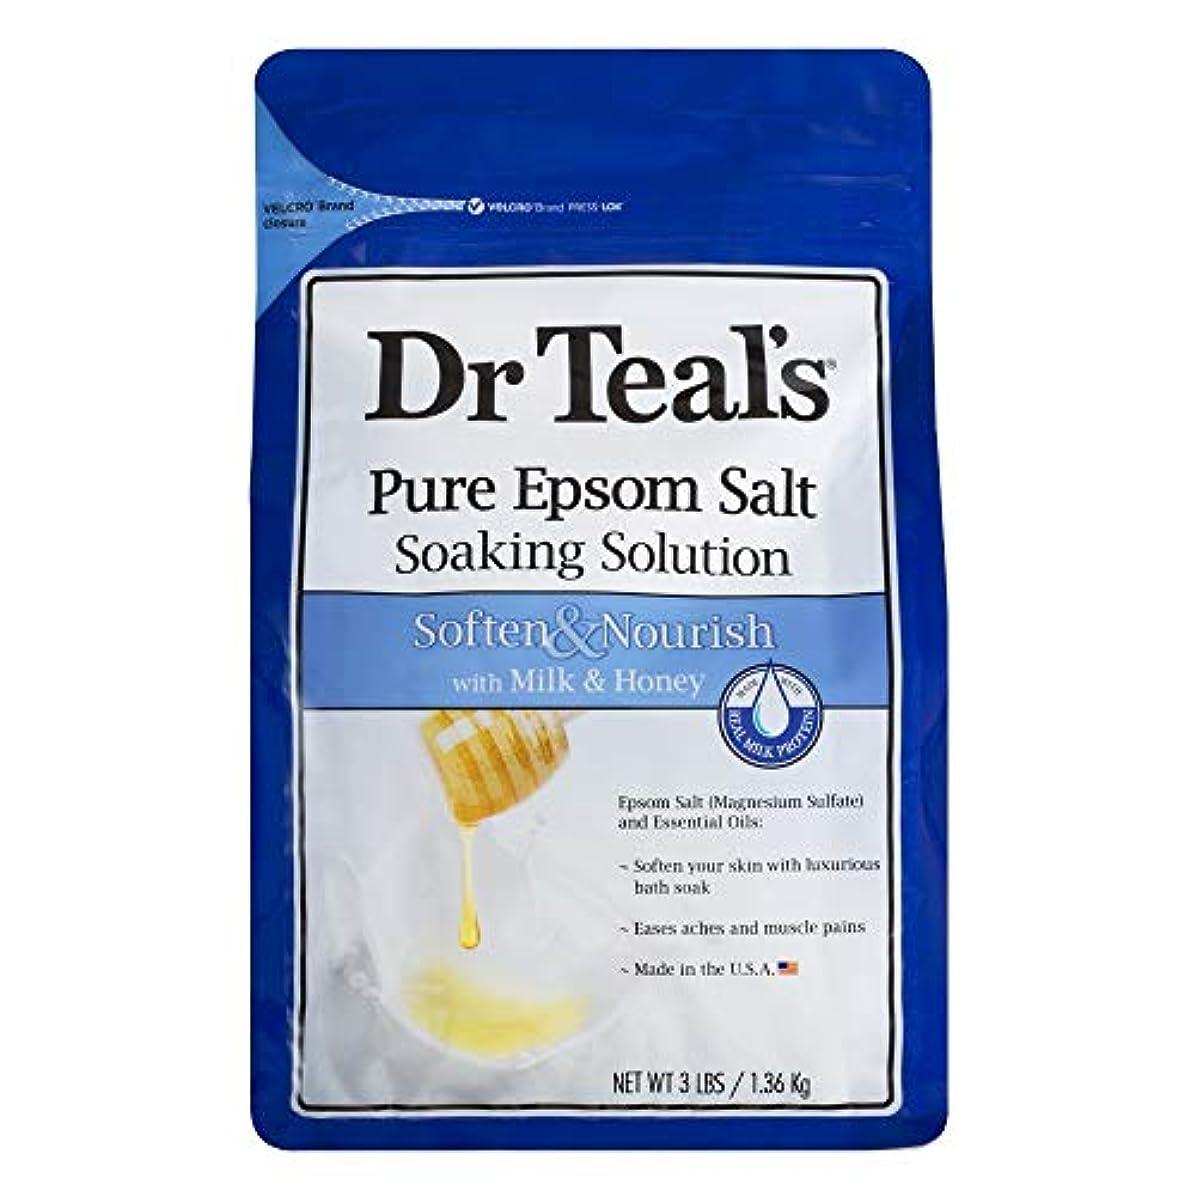 Dr Teal's Epsom Salt Soaking Solution, Soften & Nourish, Milk and Honey, 3lbs